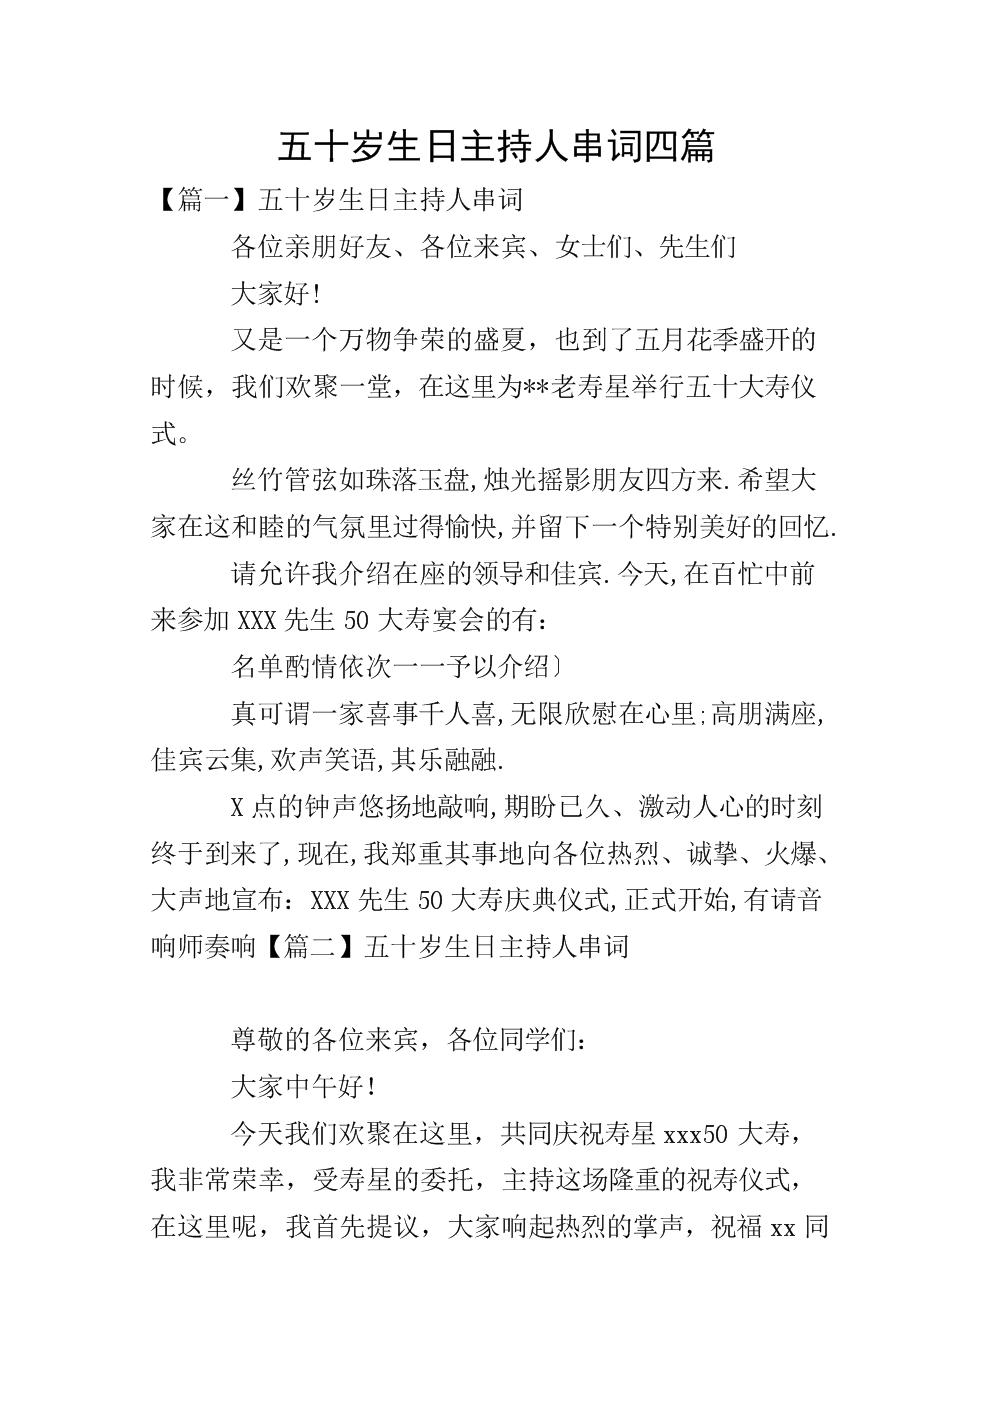 五十岁生日主持人串词四篇.doc